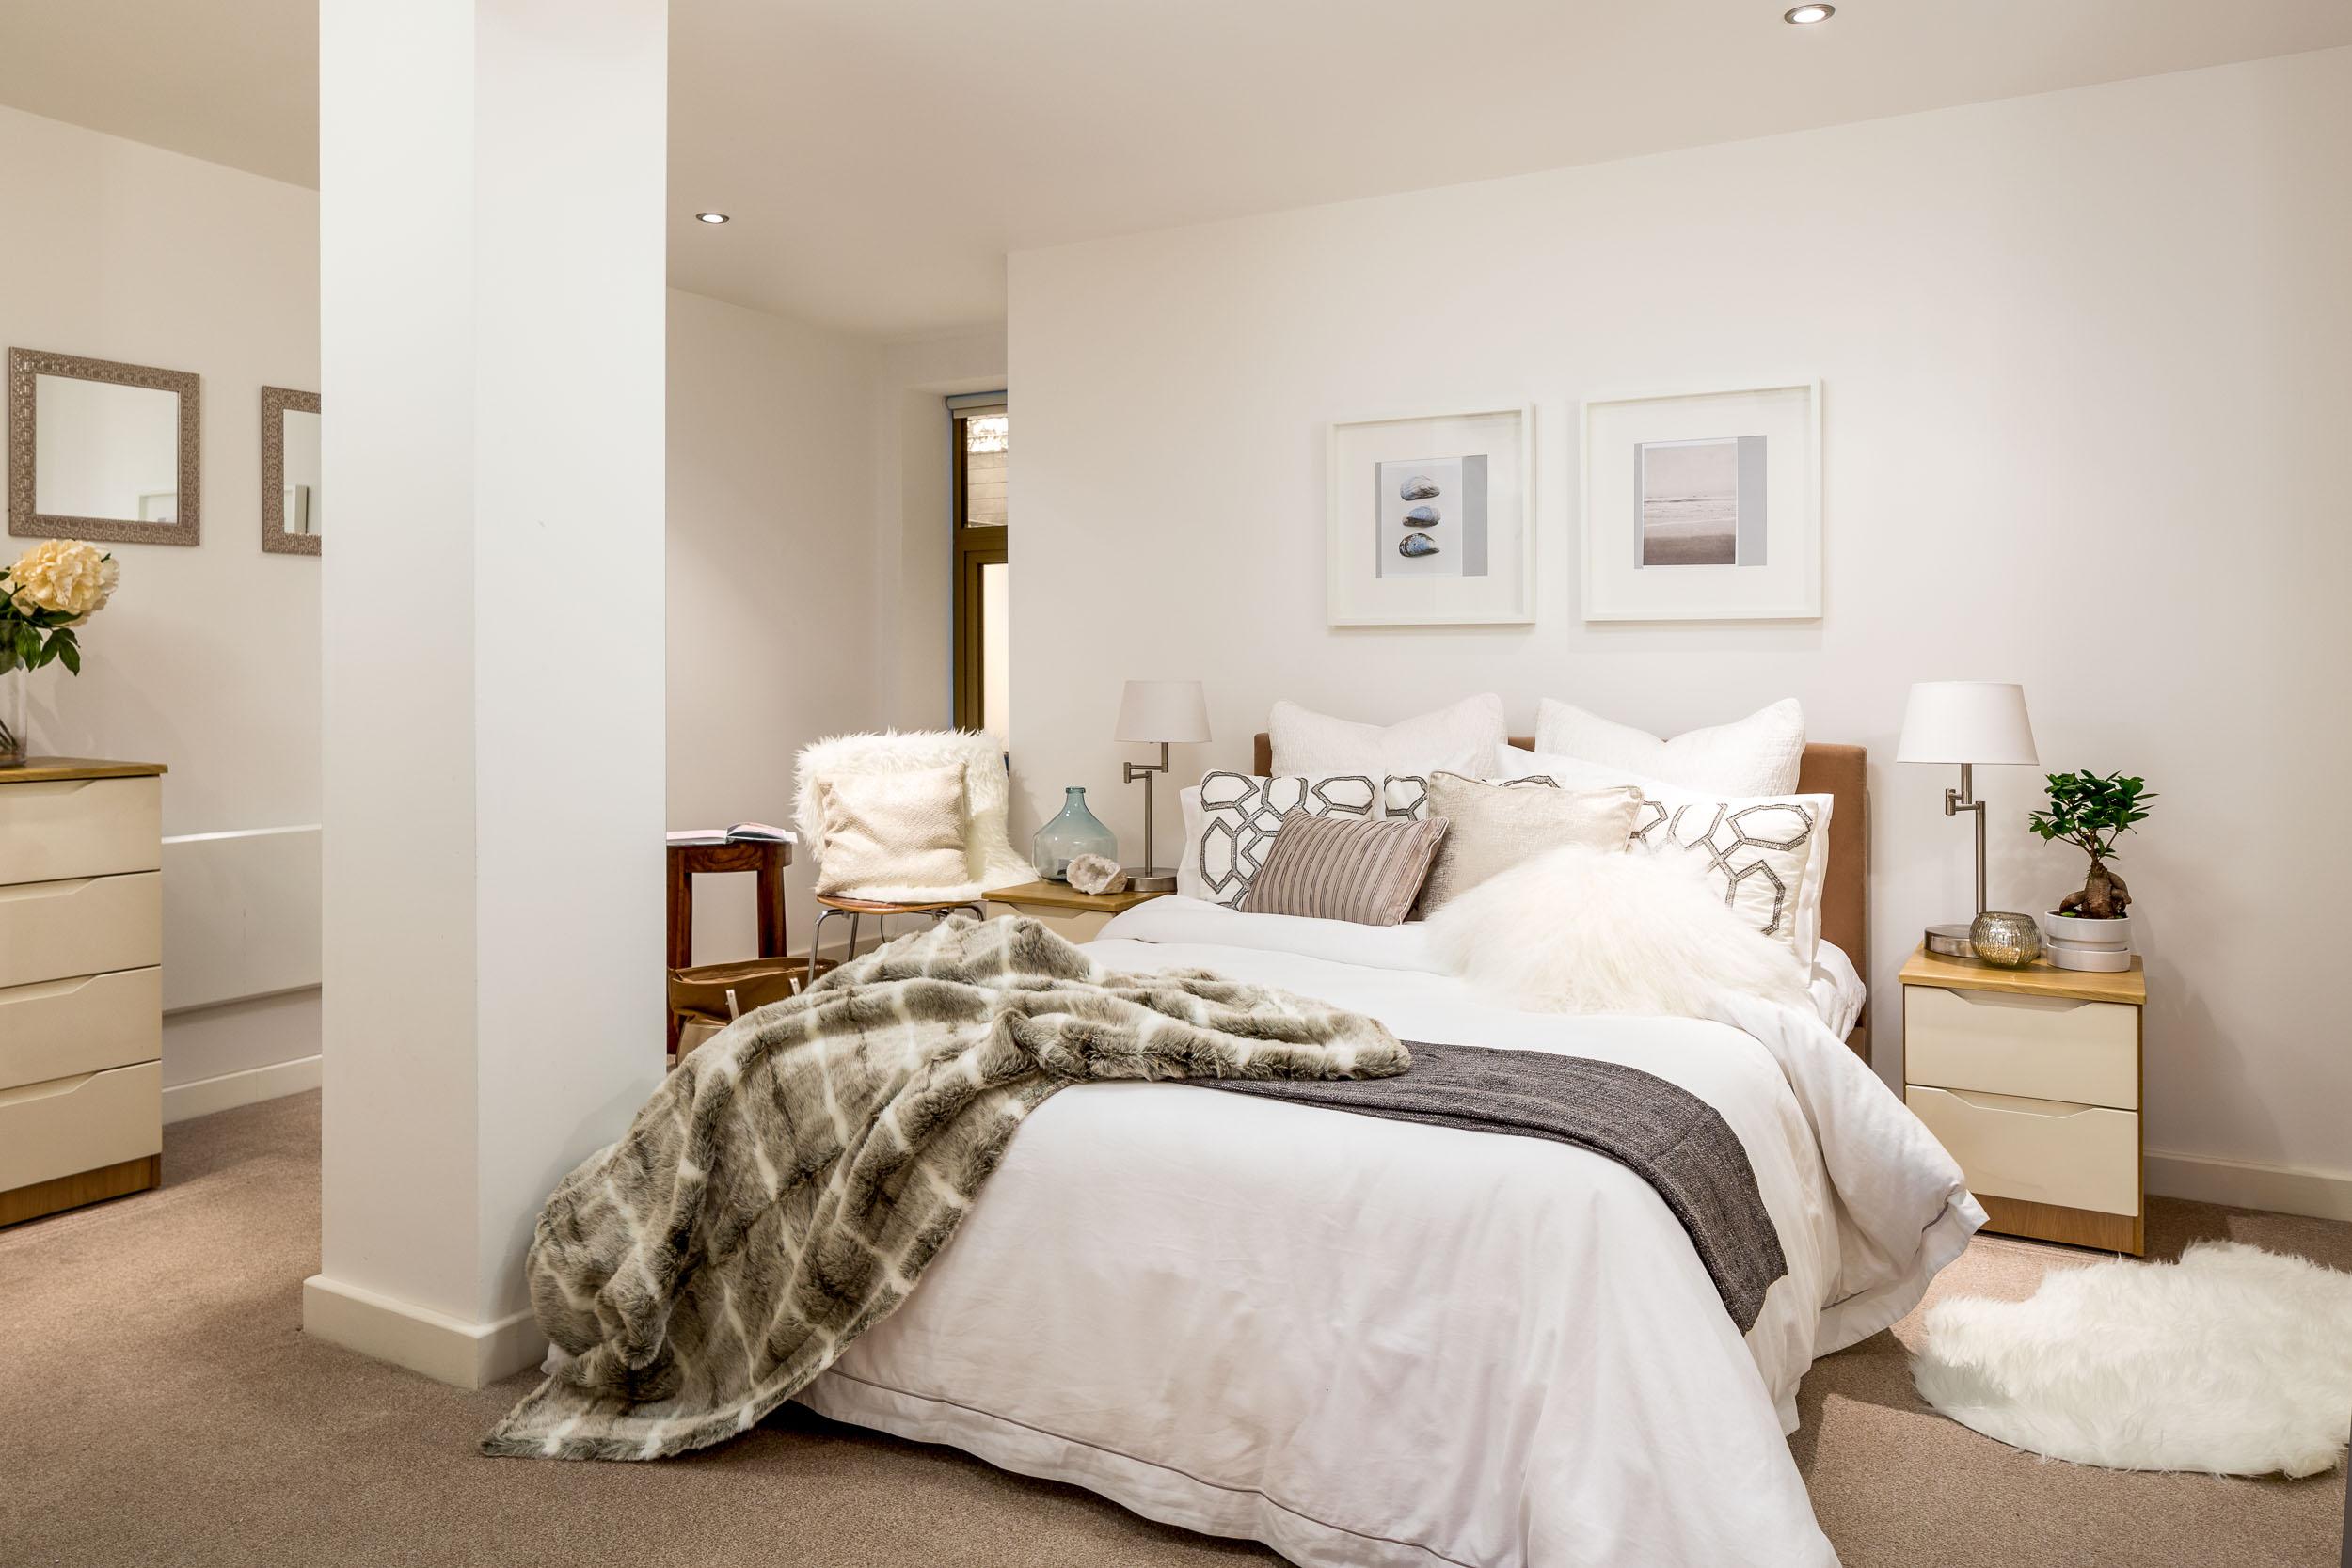 leeds 2020 bedroom interior after.jpg